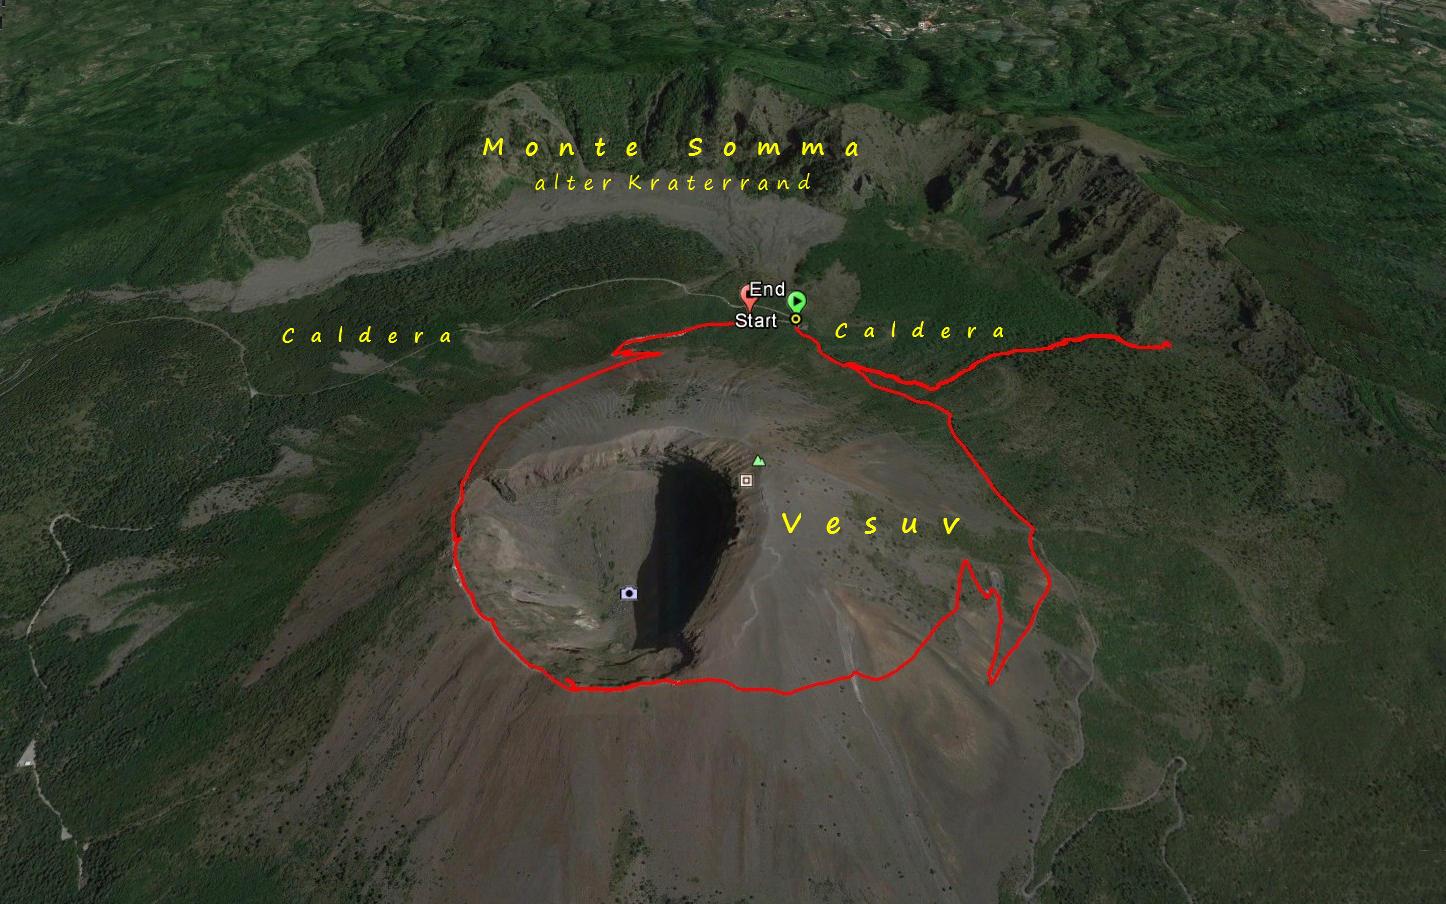 Unsere Wanderroute im Vesuv Nationalpark Der Vesuv ist ein Ringvulkan, der aus dem Monte Somma, besteht. Innerhalb  des Monte Somma befindet sich ein kleinerer Vulkankegel, der Vesuv, 1.281 m hoch, der noch aktiv ist